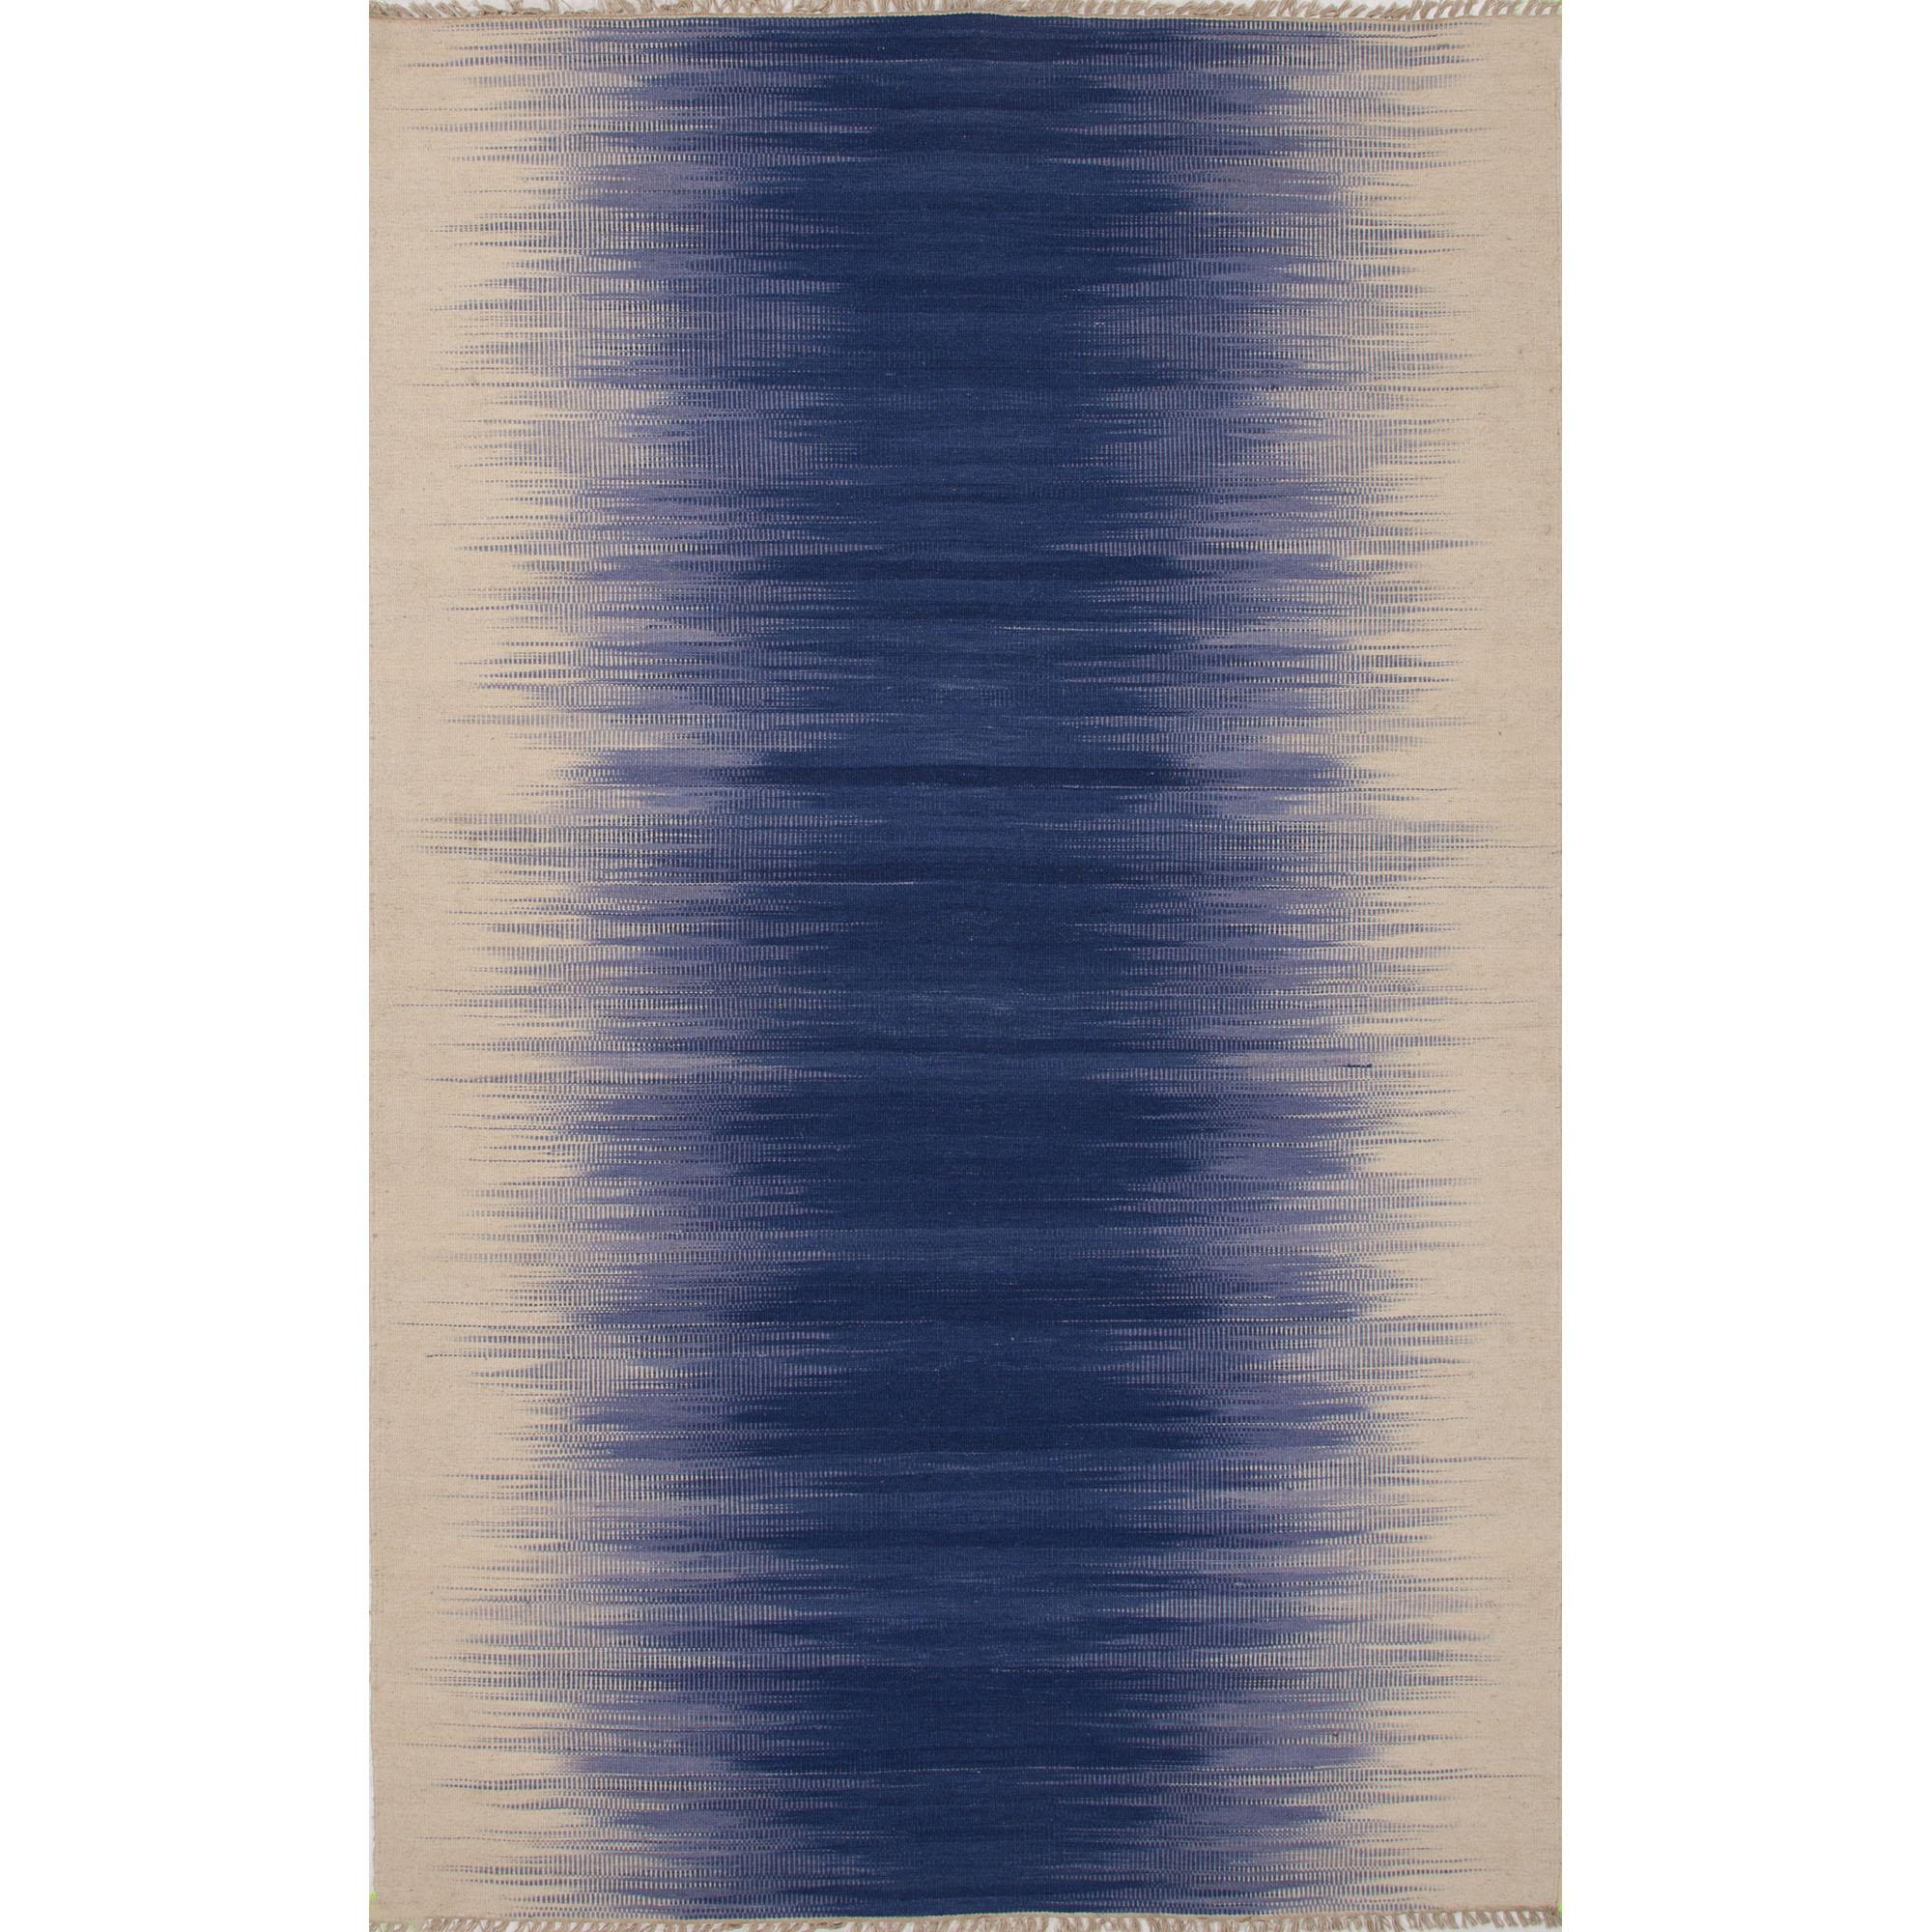 JAIPUR Rugs Spectra 5 x 8 Rug - Item Number: RUG120259